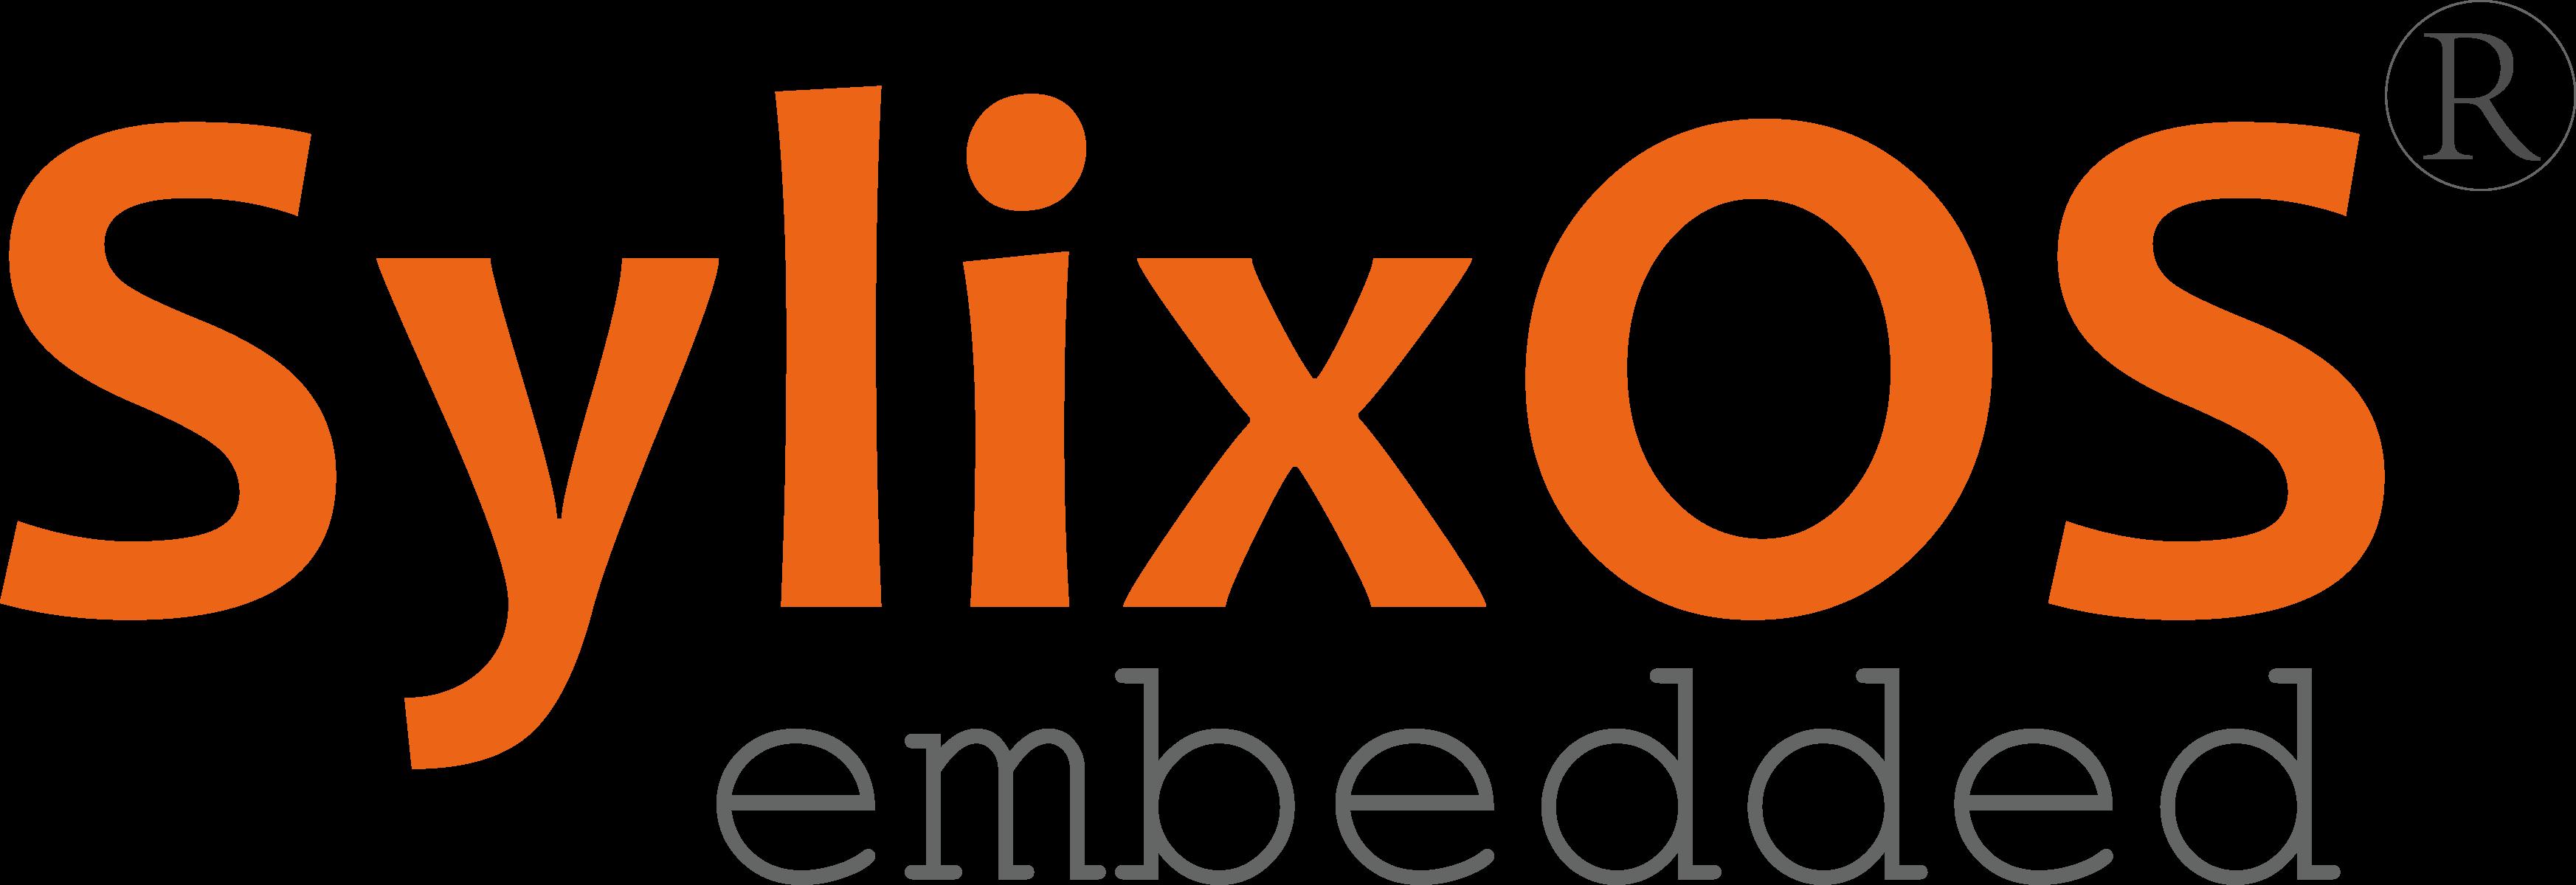 """""""环球趋势"""" 趋势案例奖候选——SylixOS"""